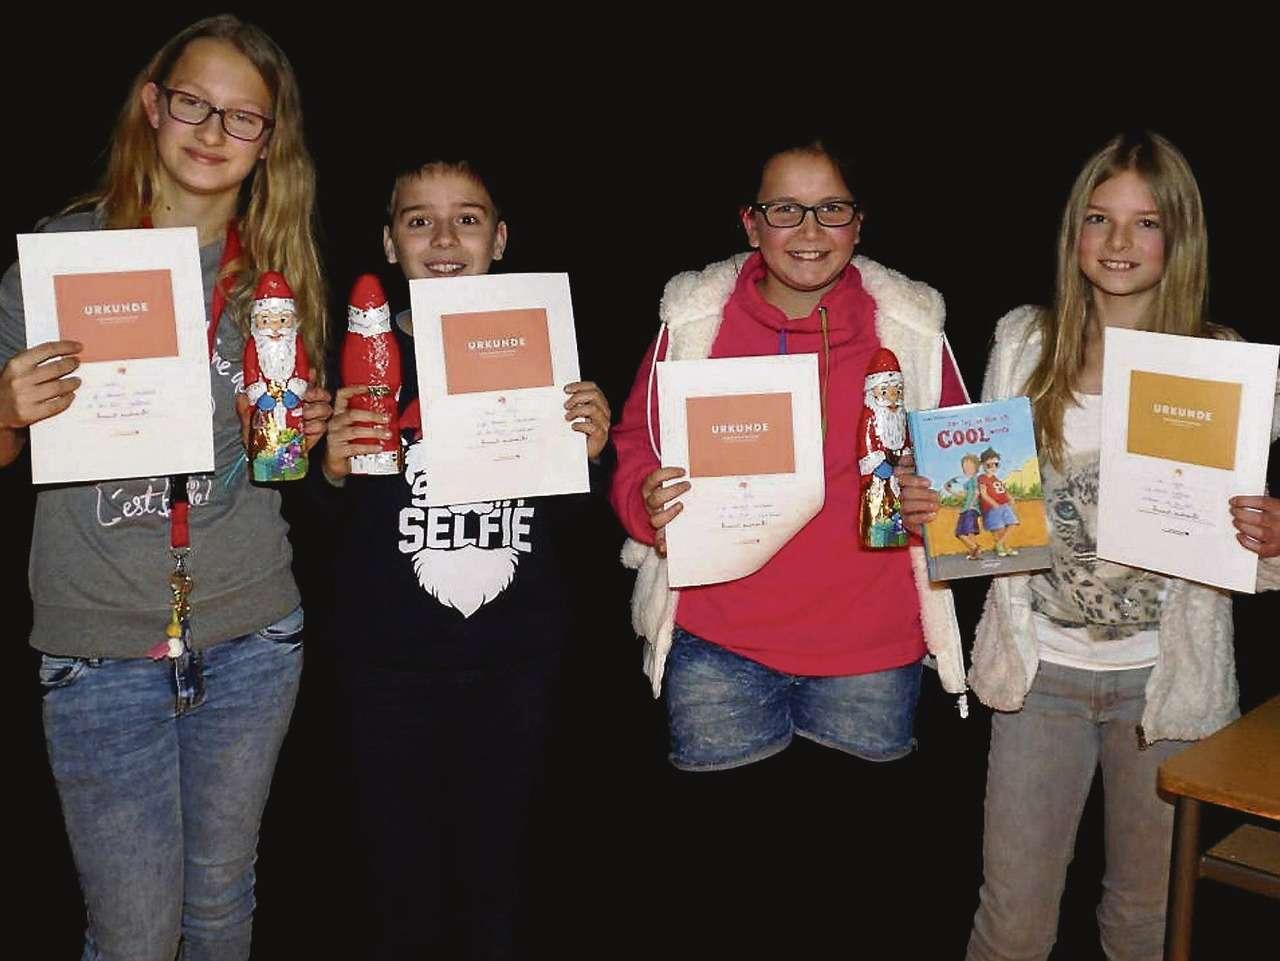 Die Gewinner des Vorlesewettbewerbs für Sechstklässler der Oberschule Visselhövede bewiesen vor großem Publikum Ruhe (von links): Natalie Lassen, David König, Lia Rößig und Ida Hayer.